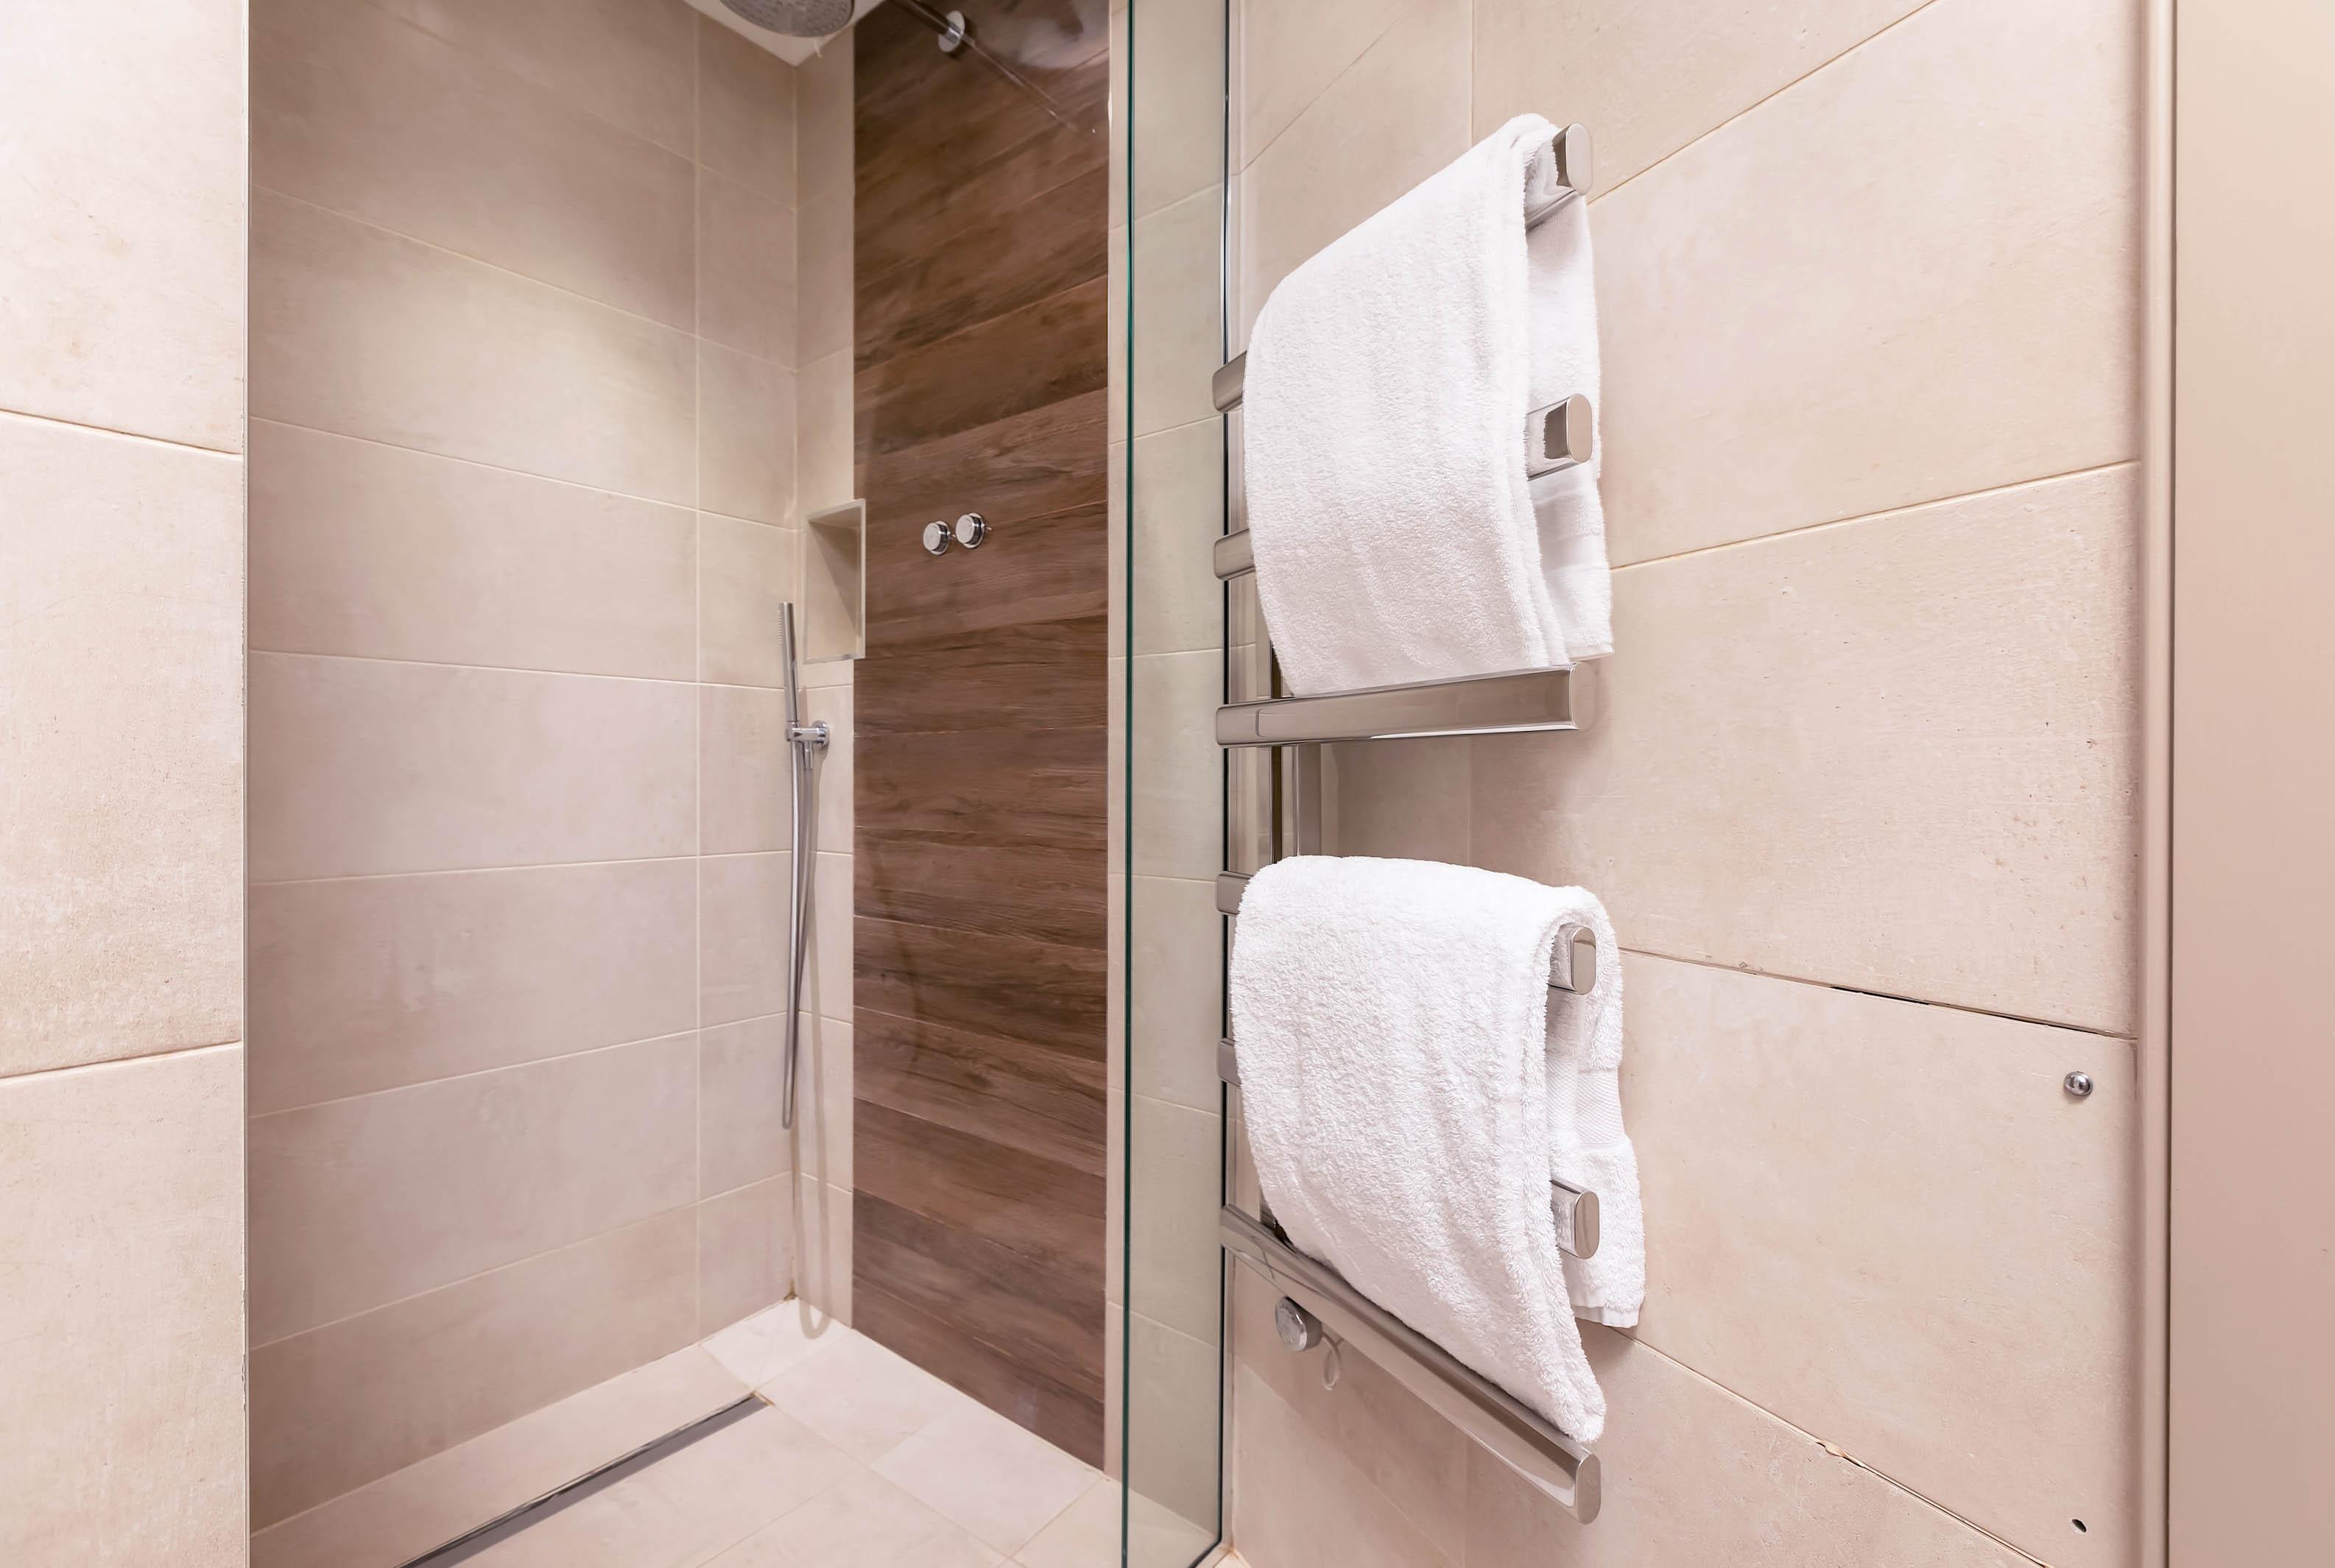 Lovelydays luxury service apartment rental - London - Fitzrovia - Wells Mews B - Lovelysuite - 2 bedrooms - 2 bathrooms - Lovely shower - 70ed925f8e40 - Lovelydays